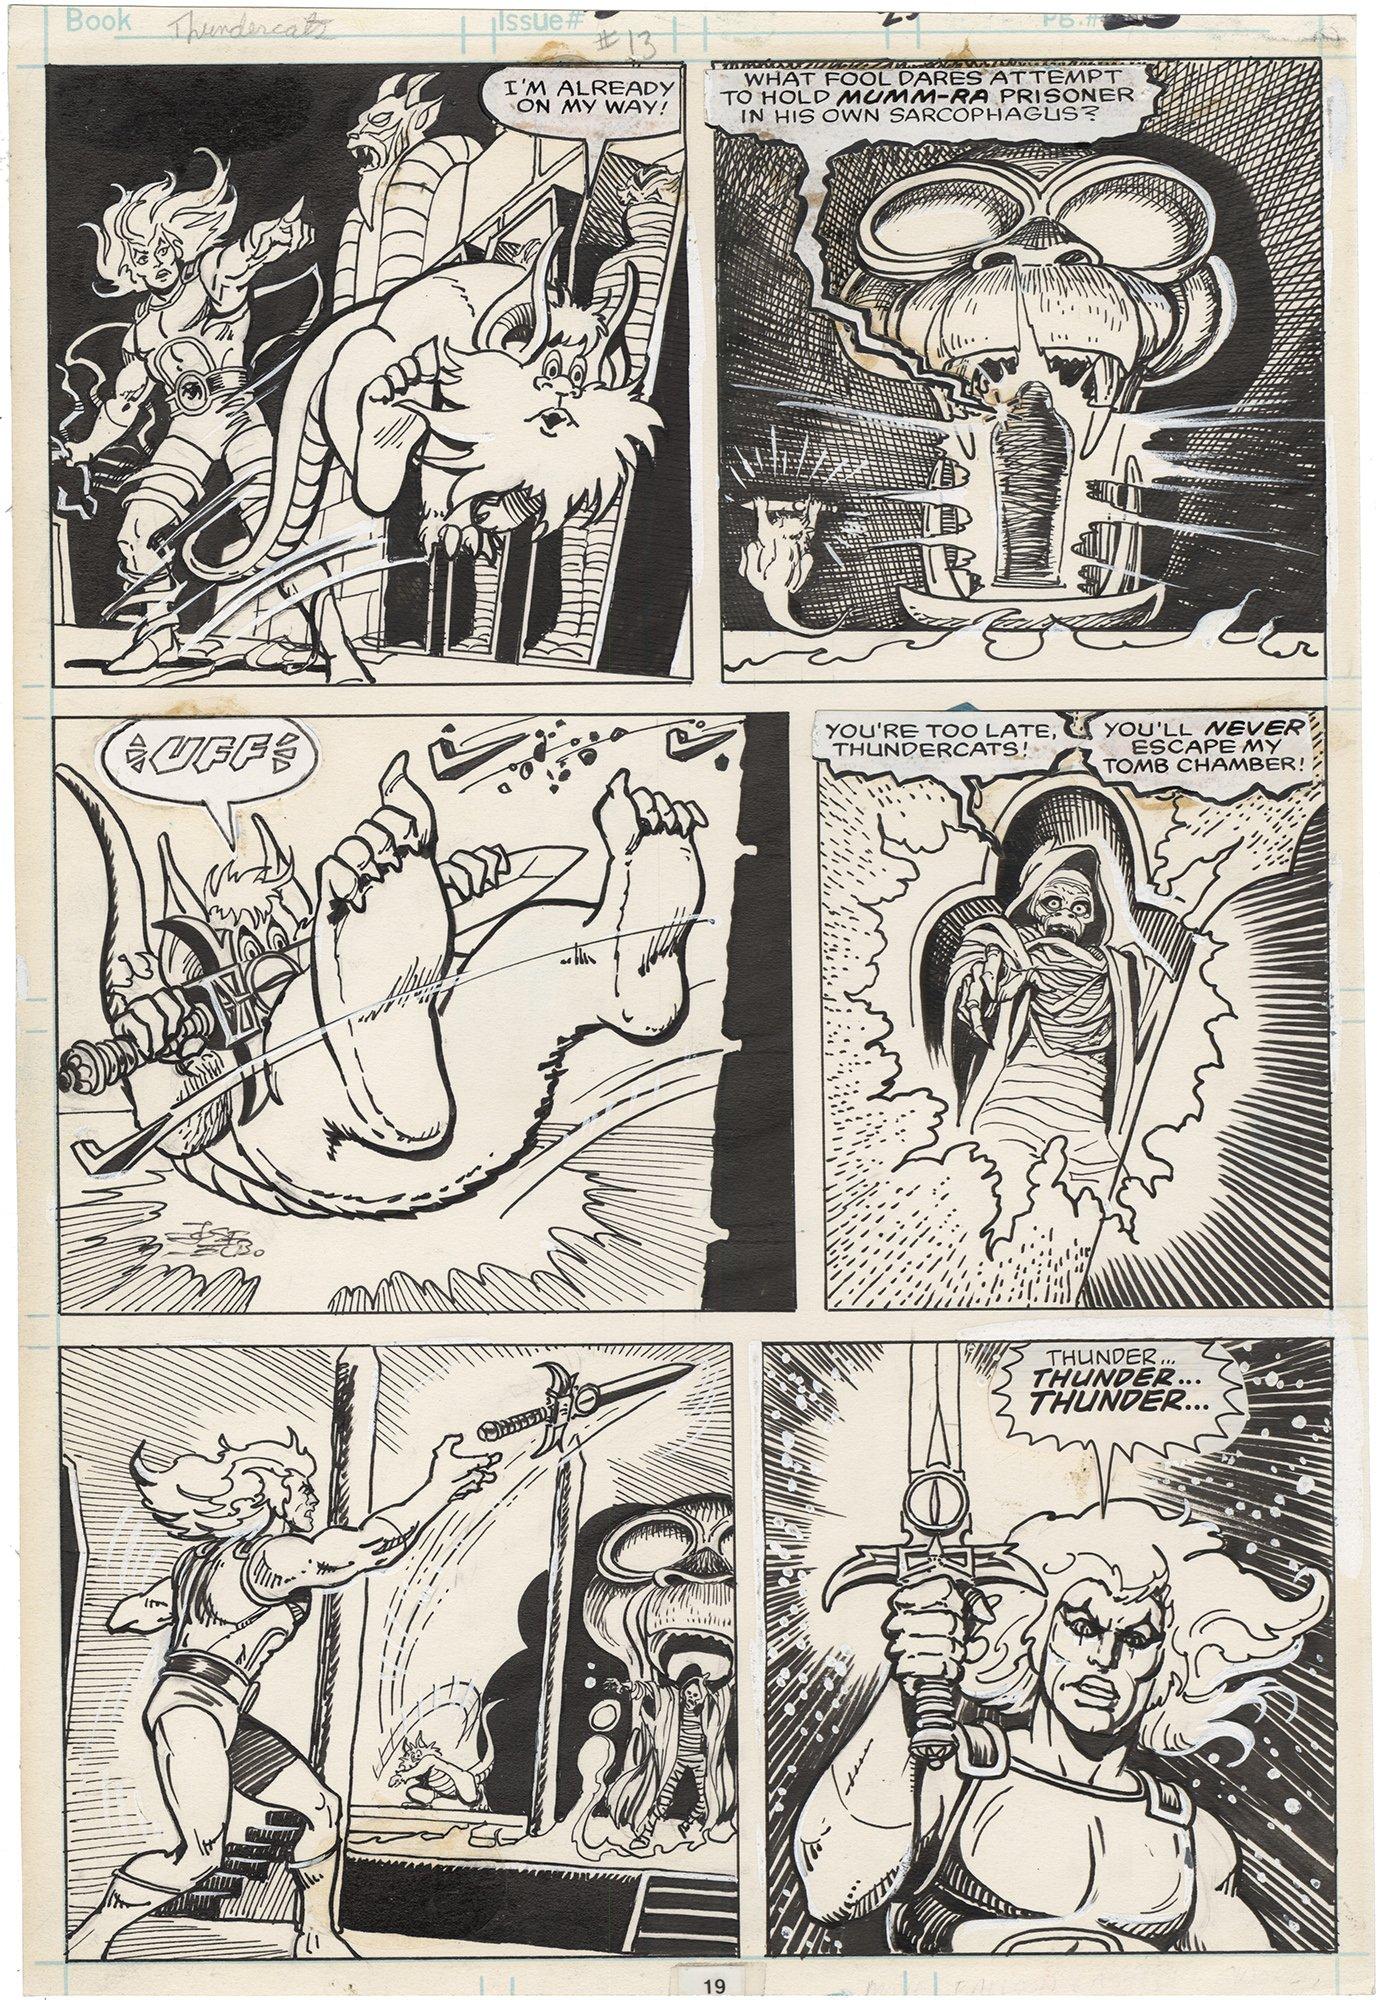 Thundercats #13 p19